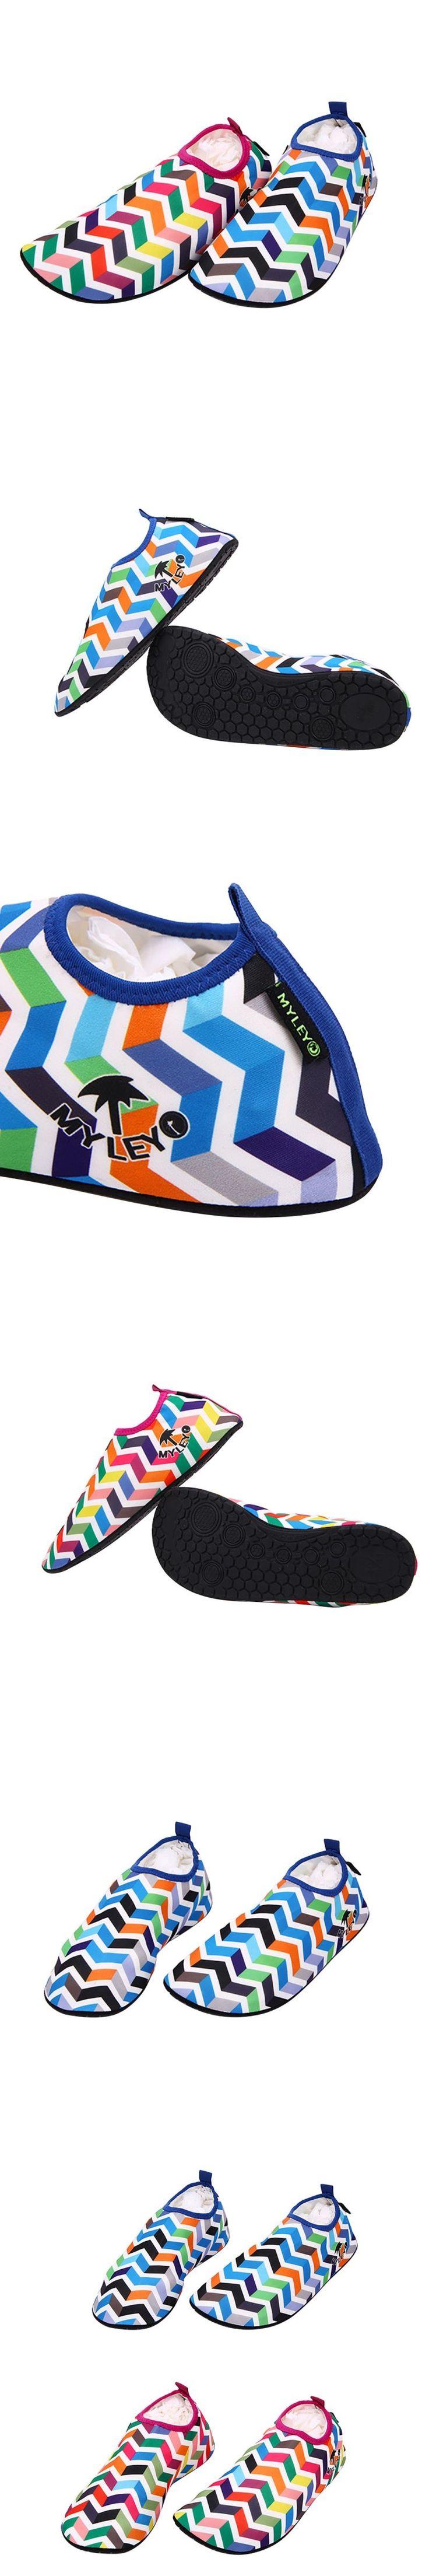 Unisex Ski Socks Sandals Sport Water Skiing Swimming Shoes Slip-on Soft Outdoor Sport Diving Socks